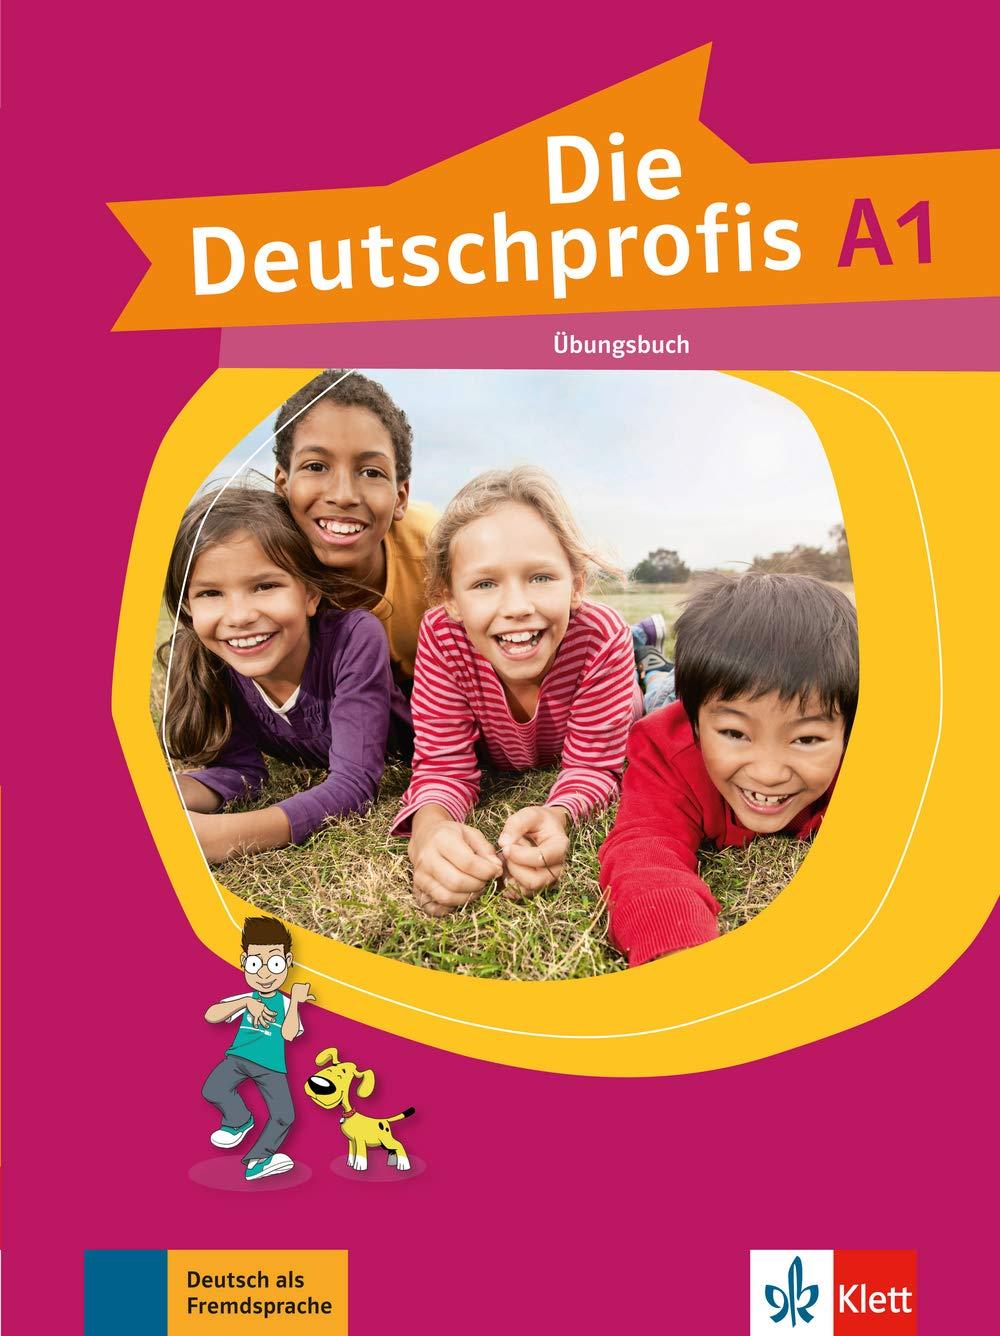 Die Deutschprofis A1: Übungsbuch